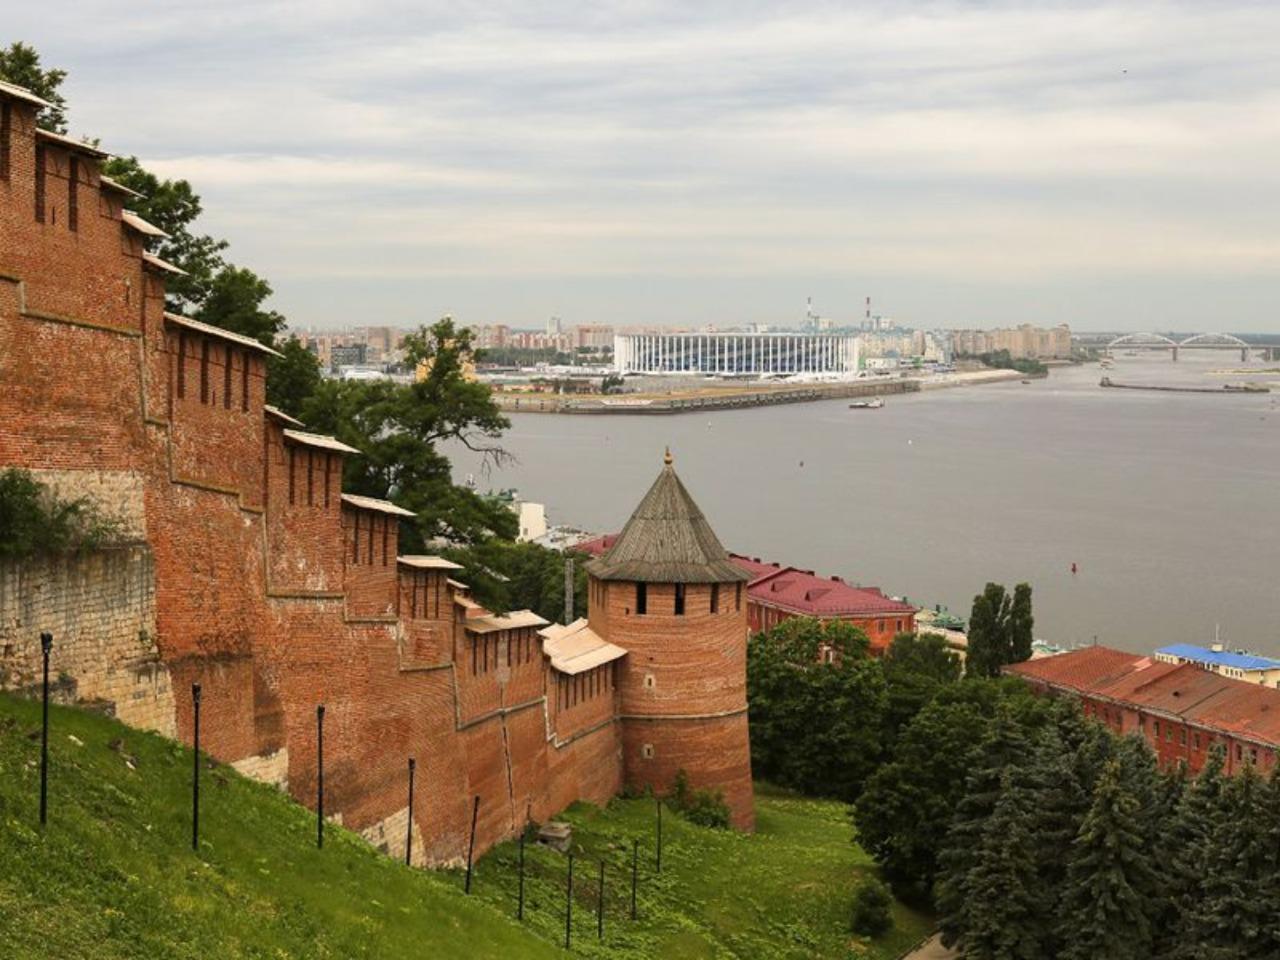 Загадки Александровского сада - индивидуальная экскурсия по Нижнему Новгороду от опытного гида